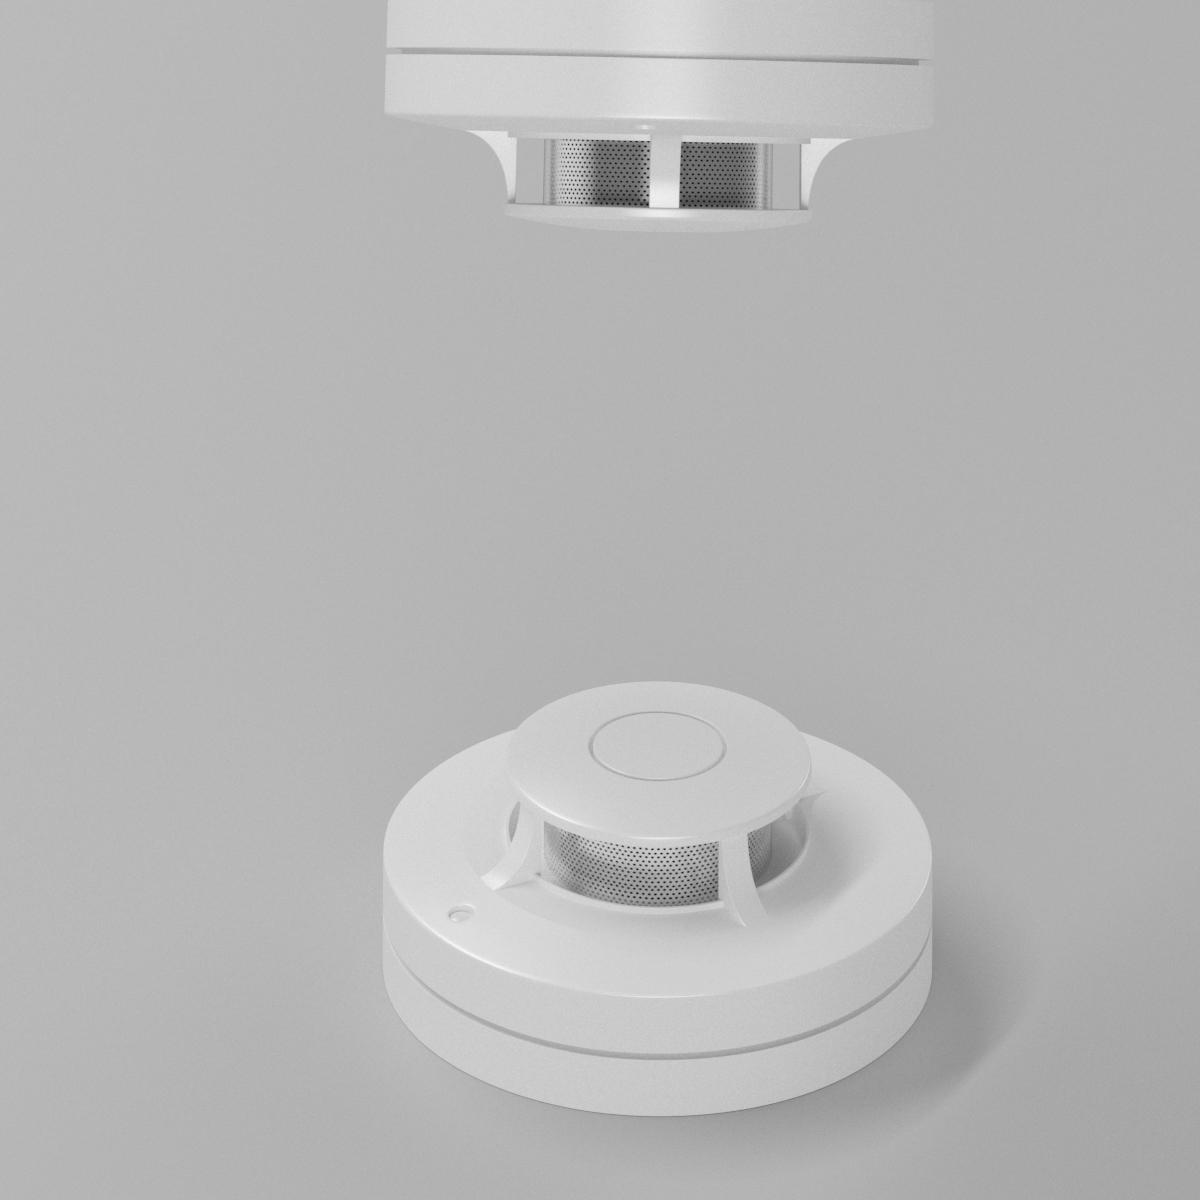 消防烟感器3D模型-2001X2